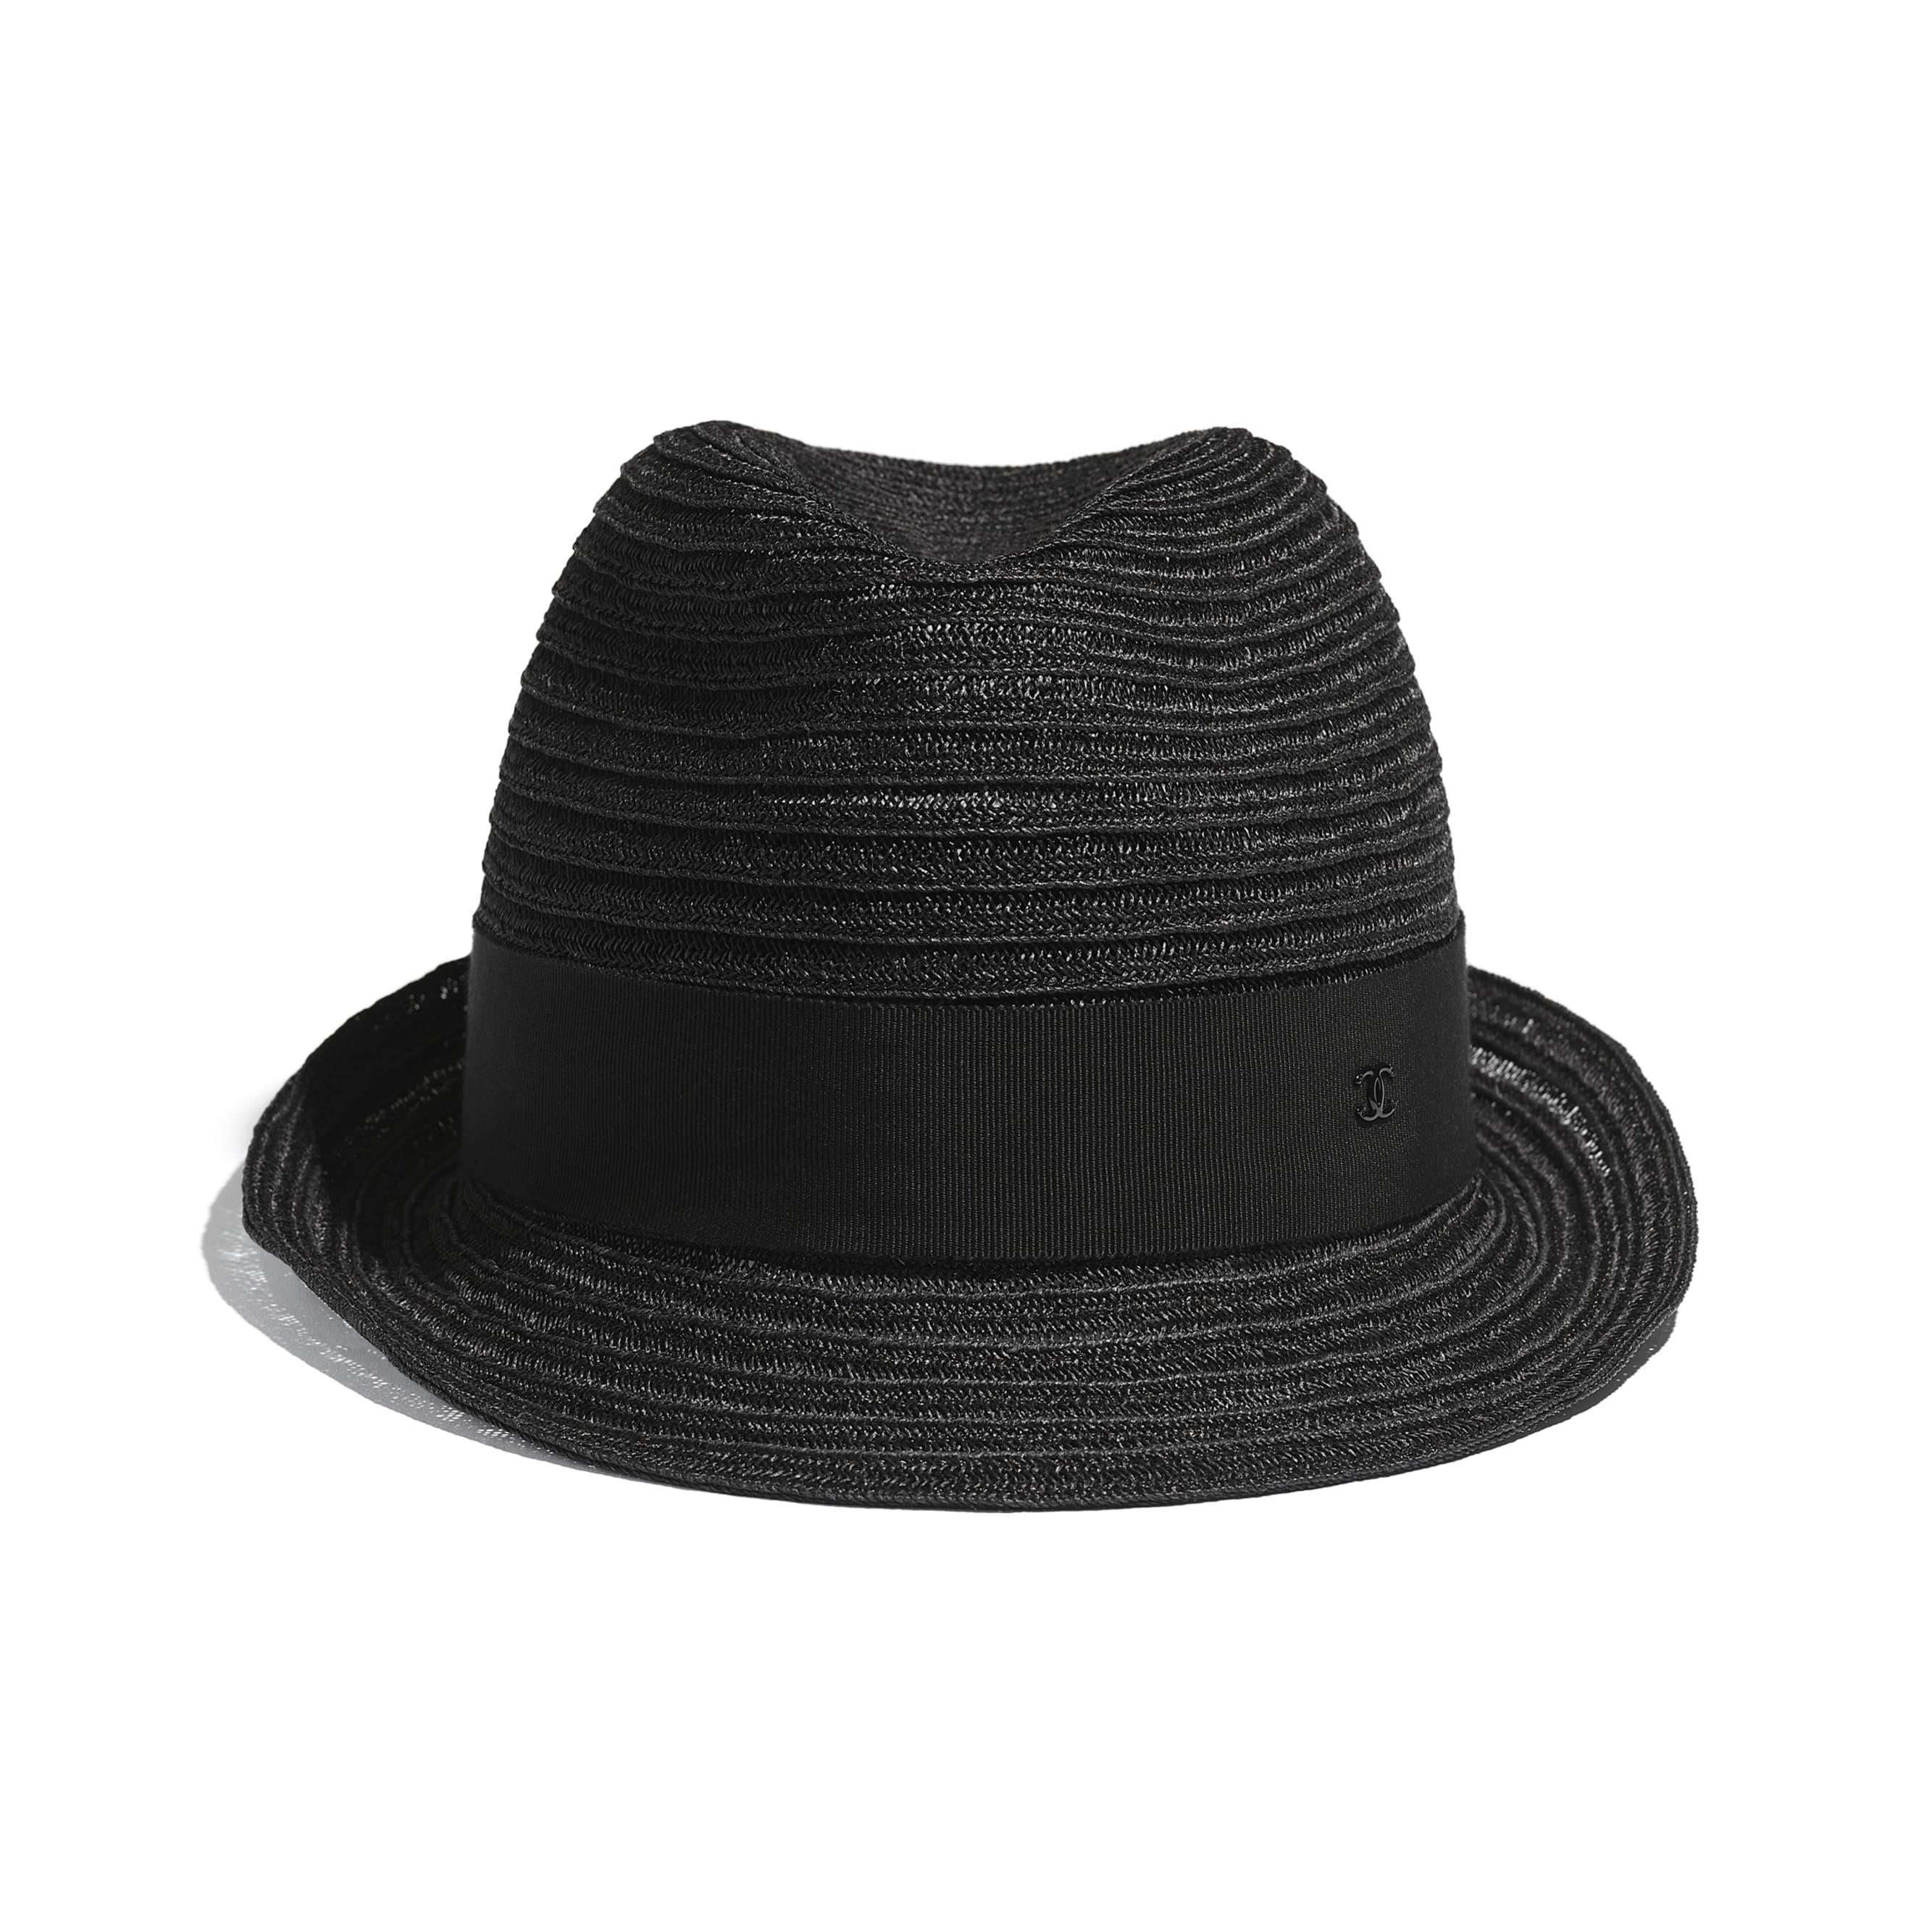 帽類 - 黑 - 草編 & 羅緞 - CHANEL - 替代視圖 - 查看標準尺寸版本